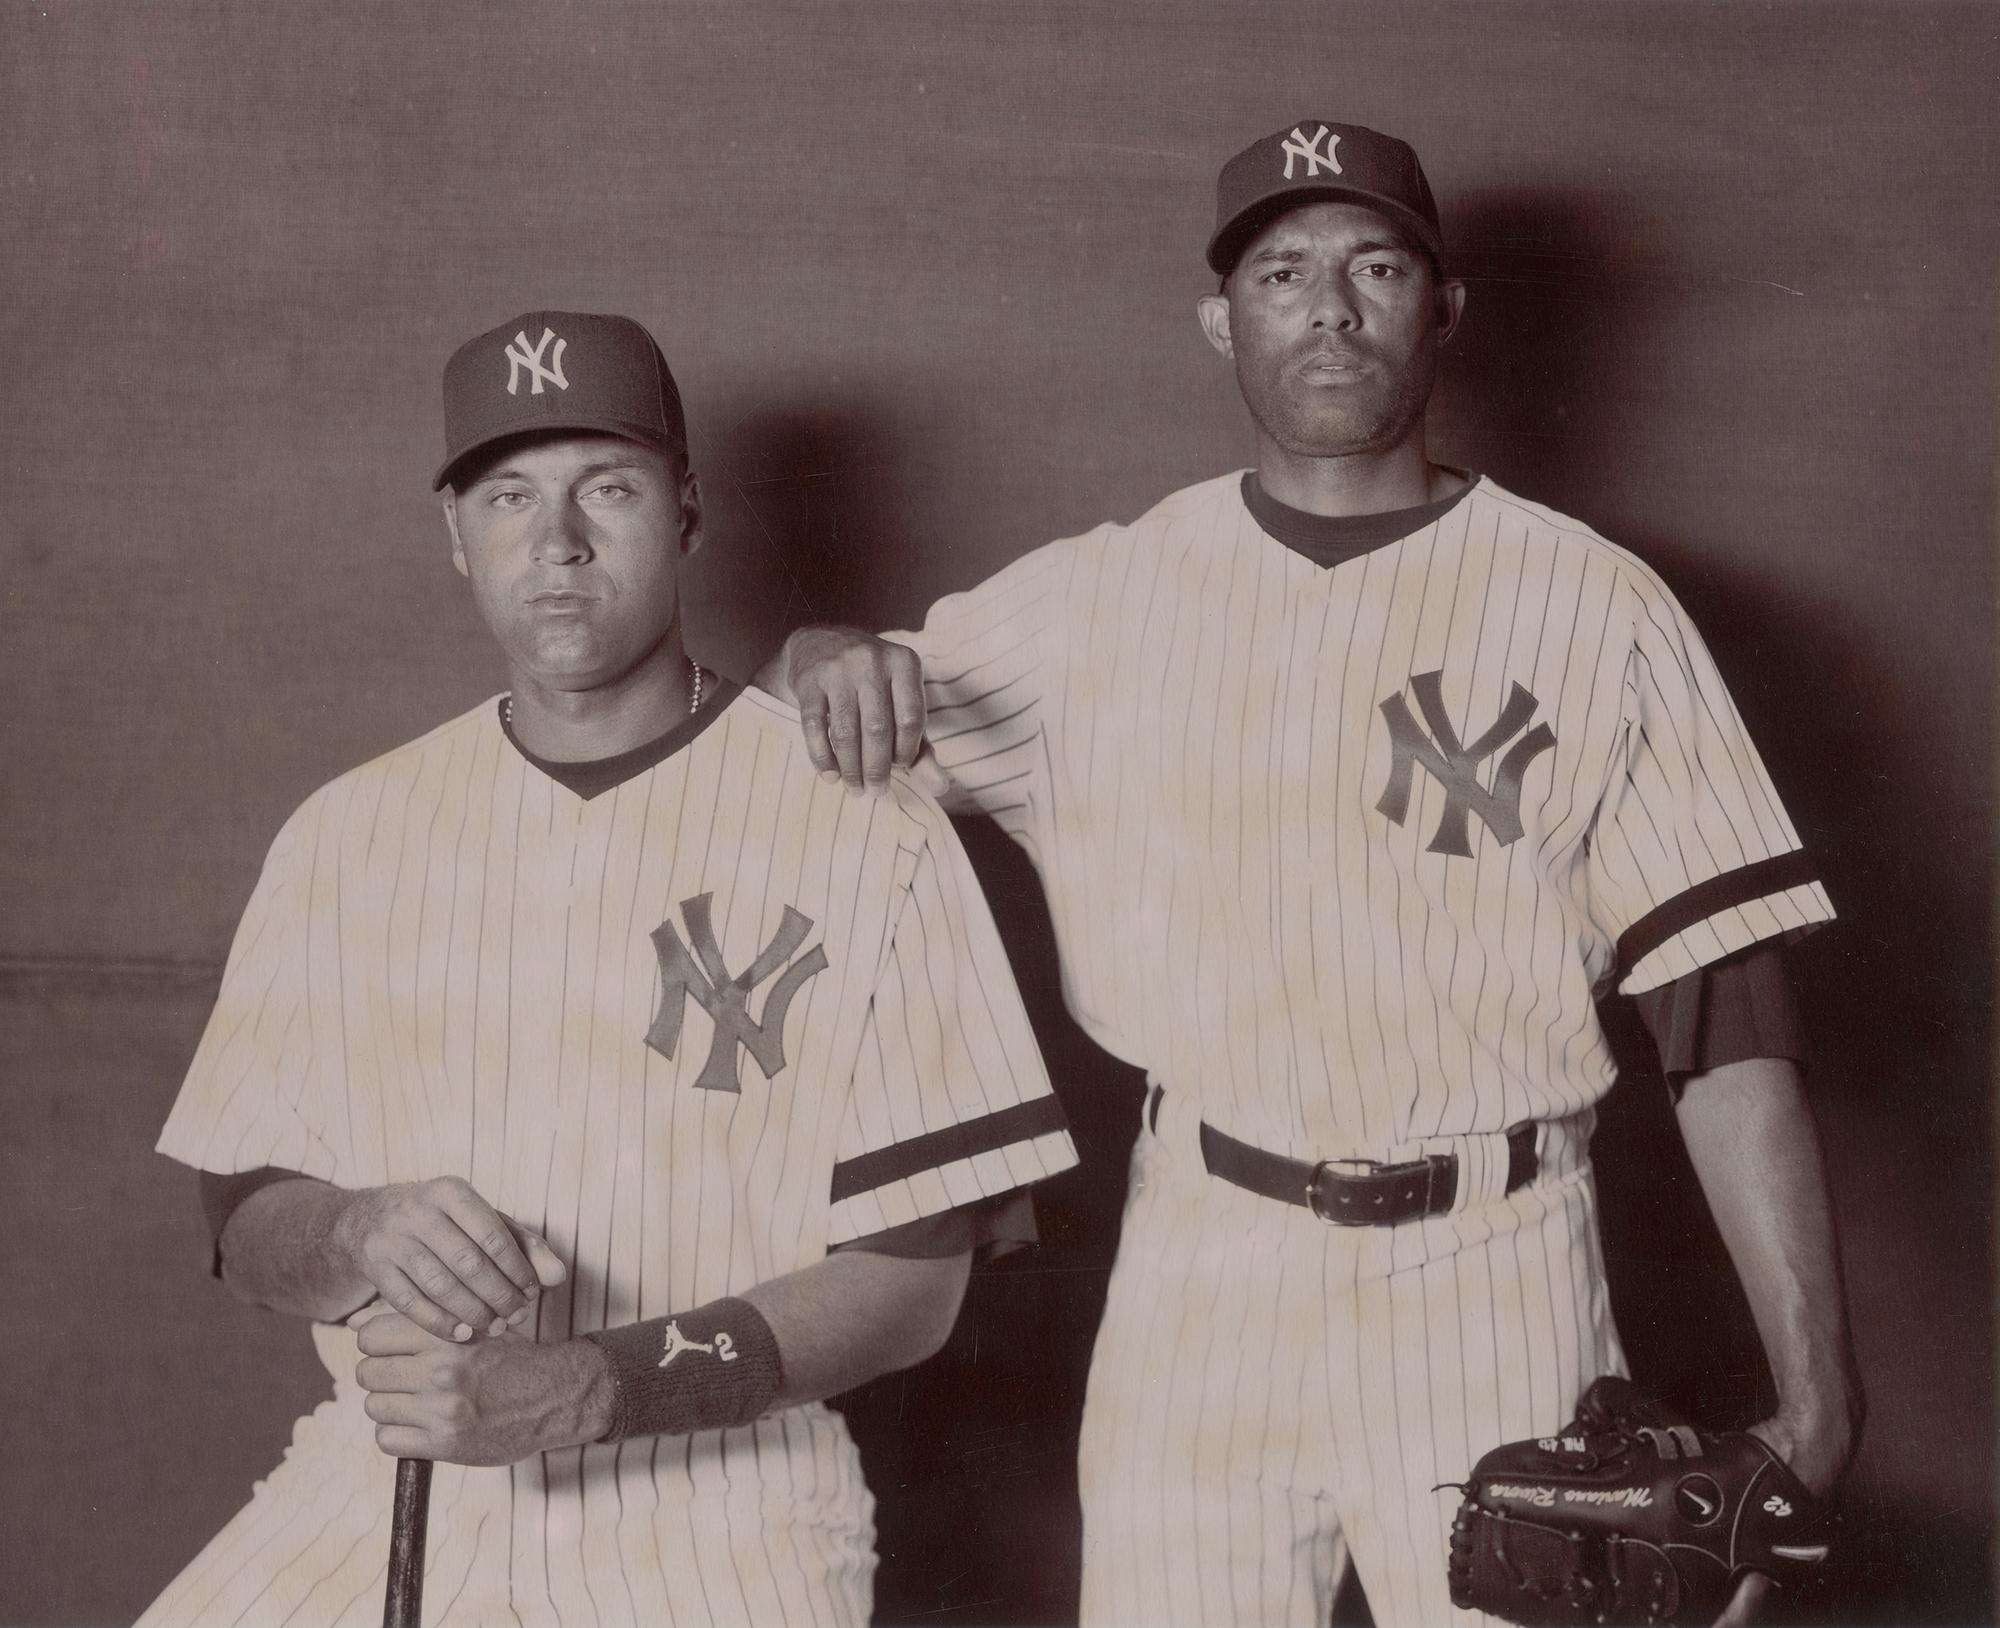 Derek Jeter & Mariano Rivera,